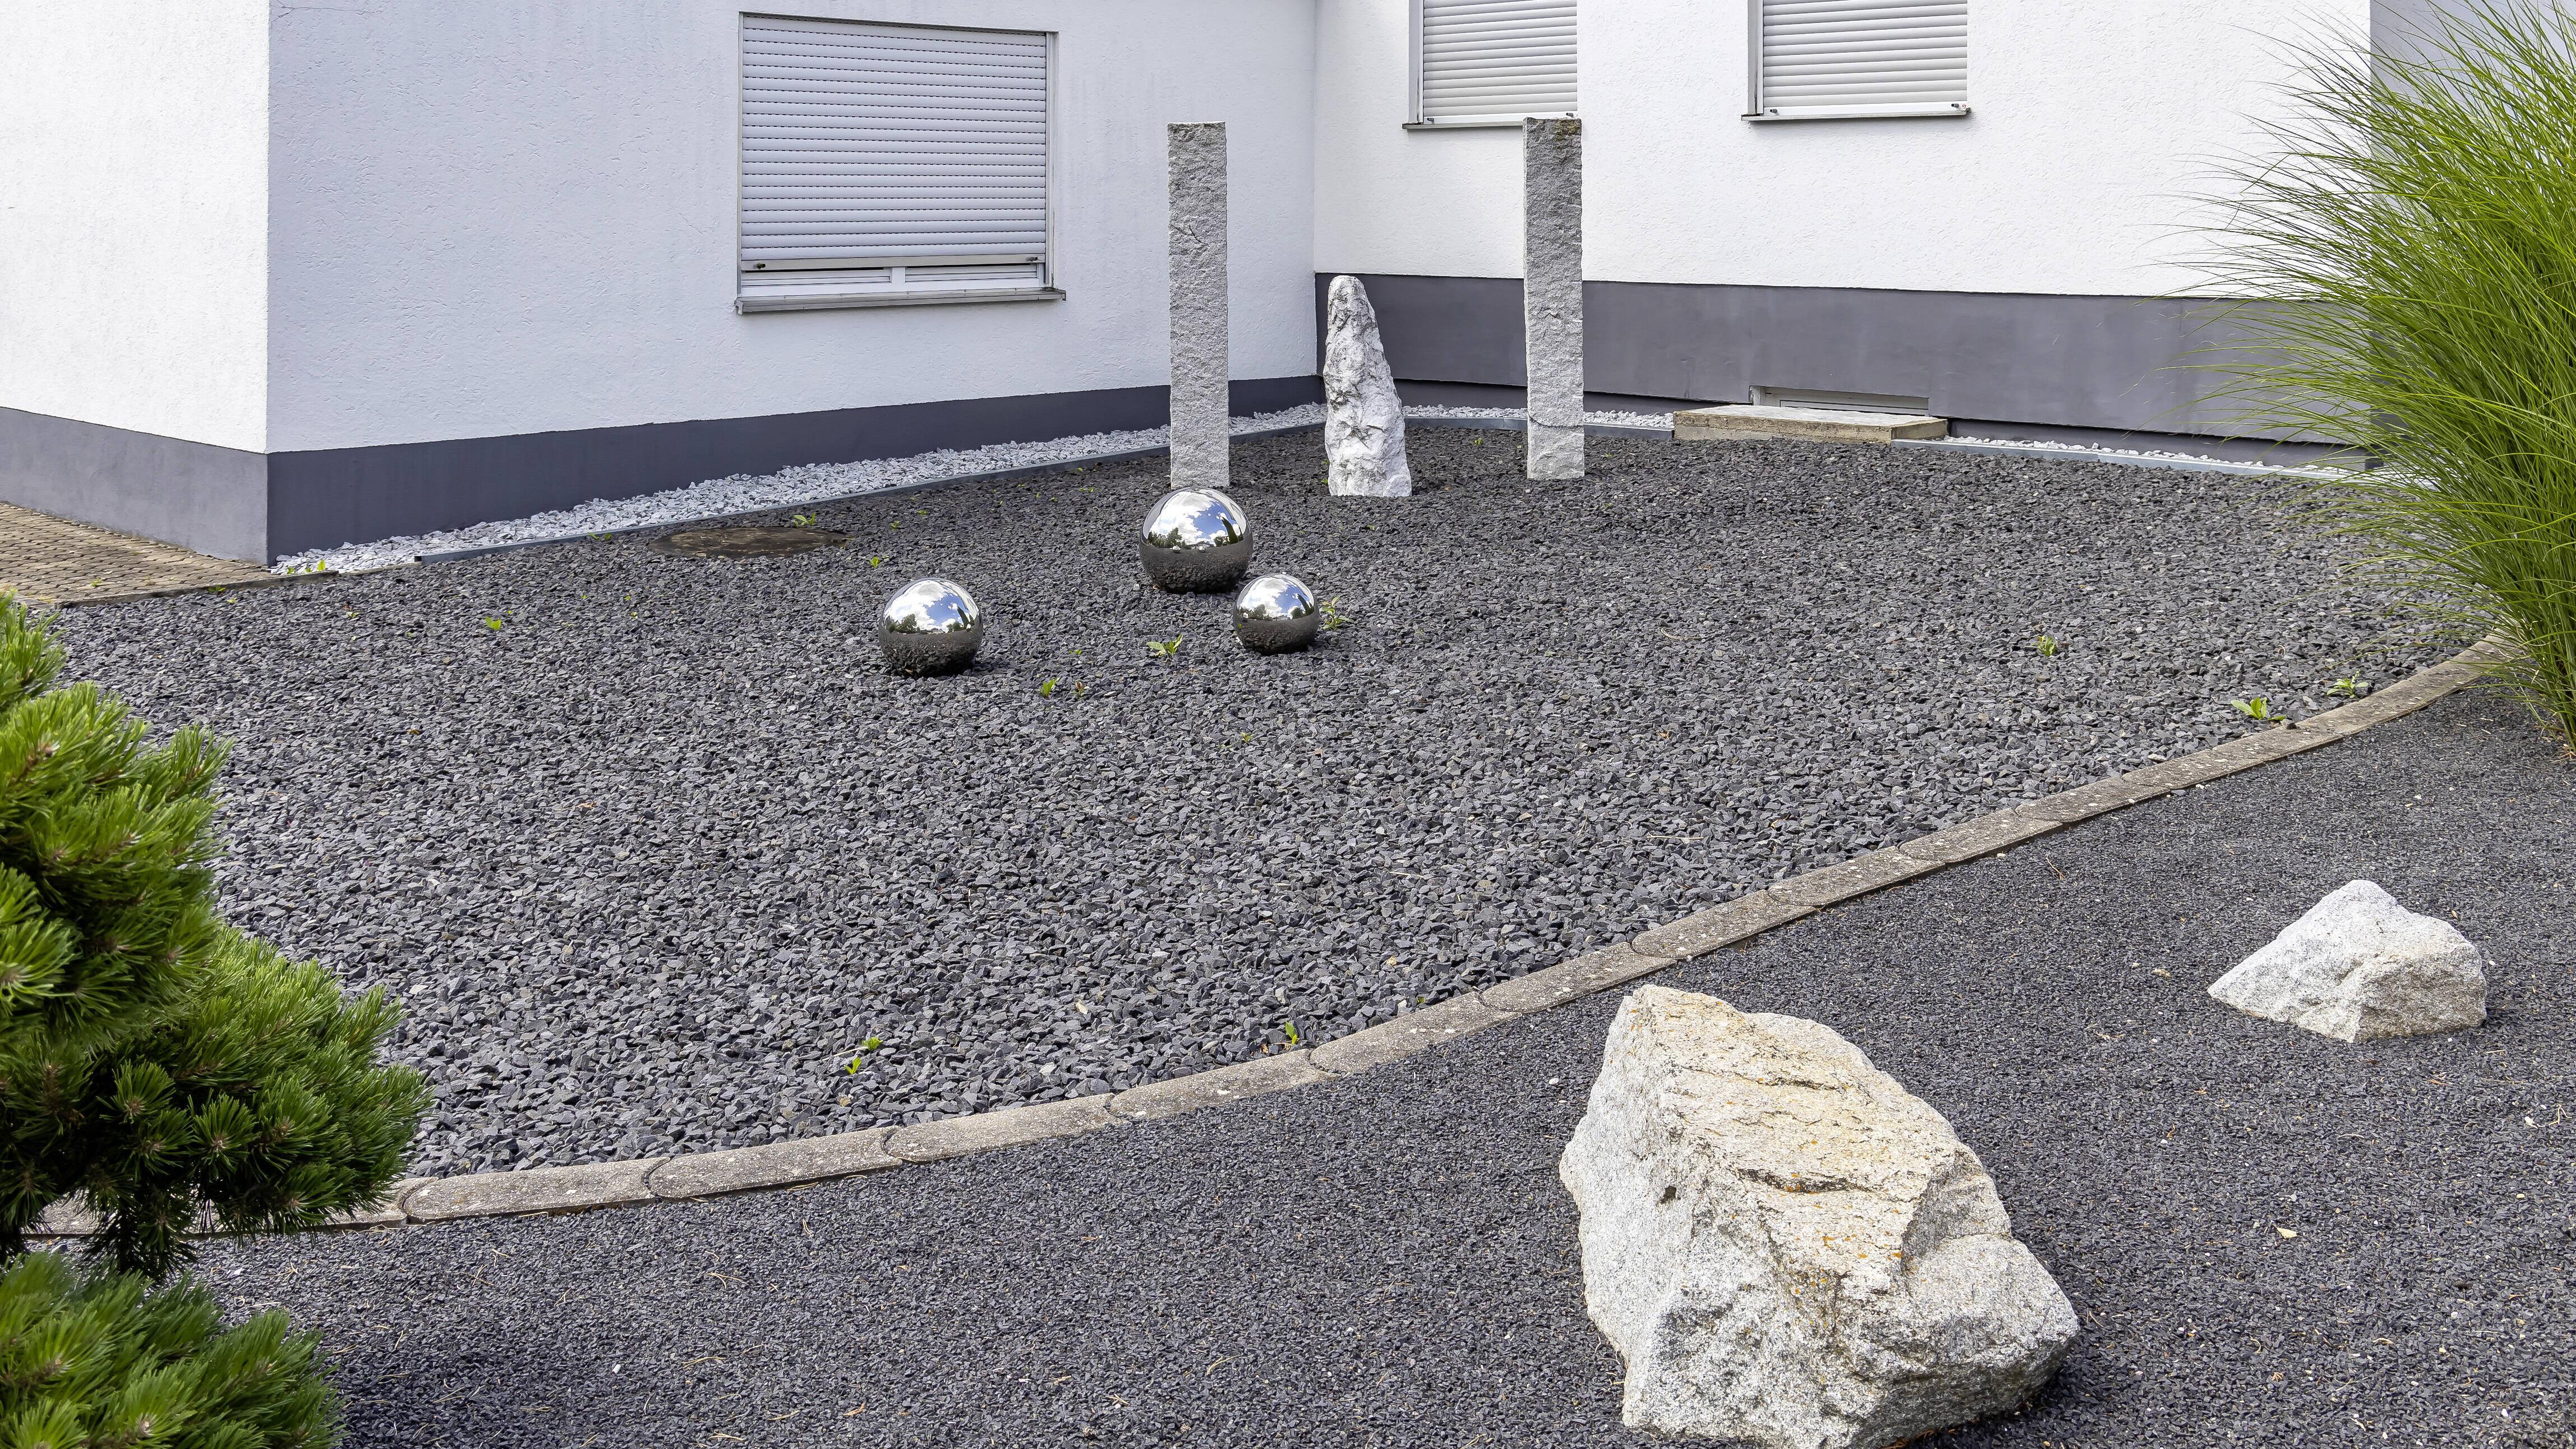 Schottergärten sind in einigen Bundeländern schon verboten.